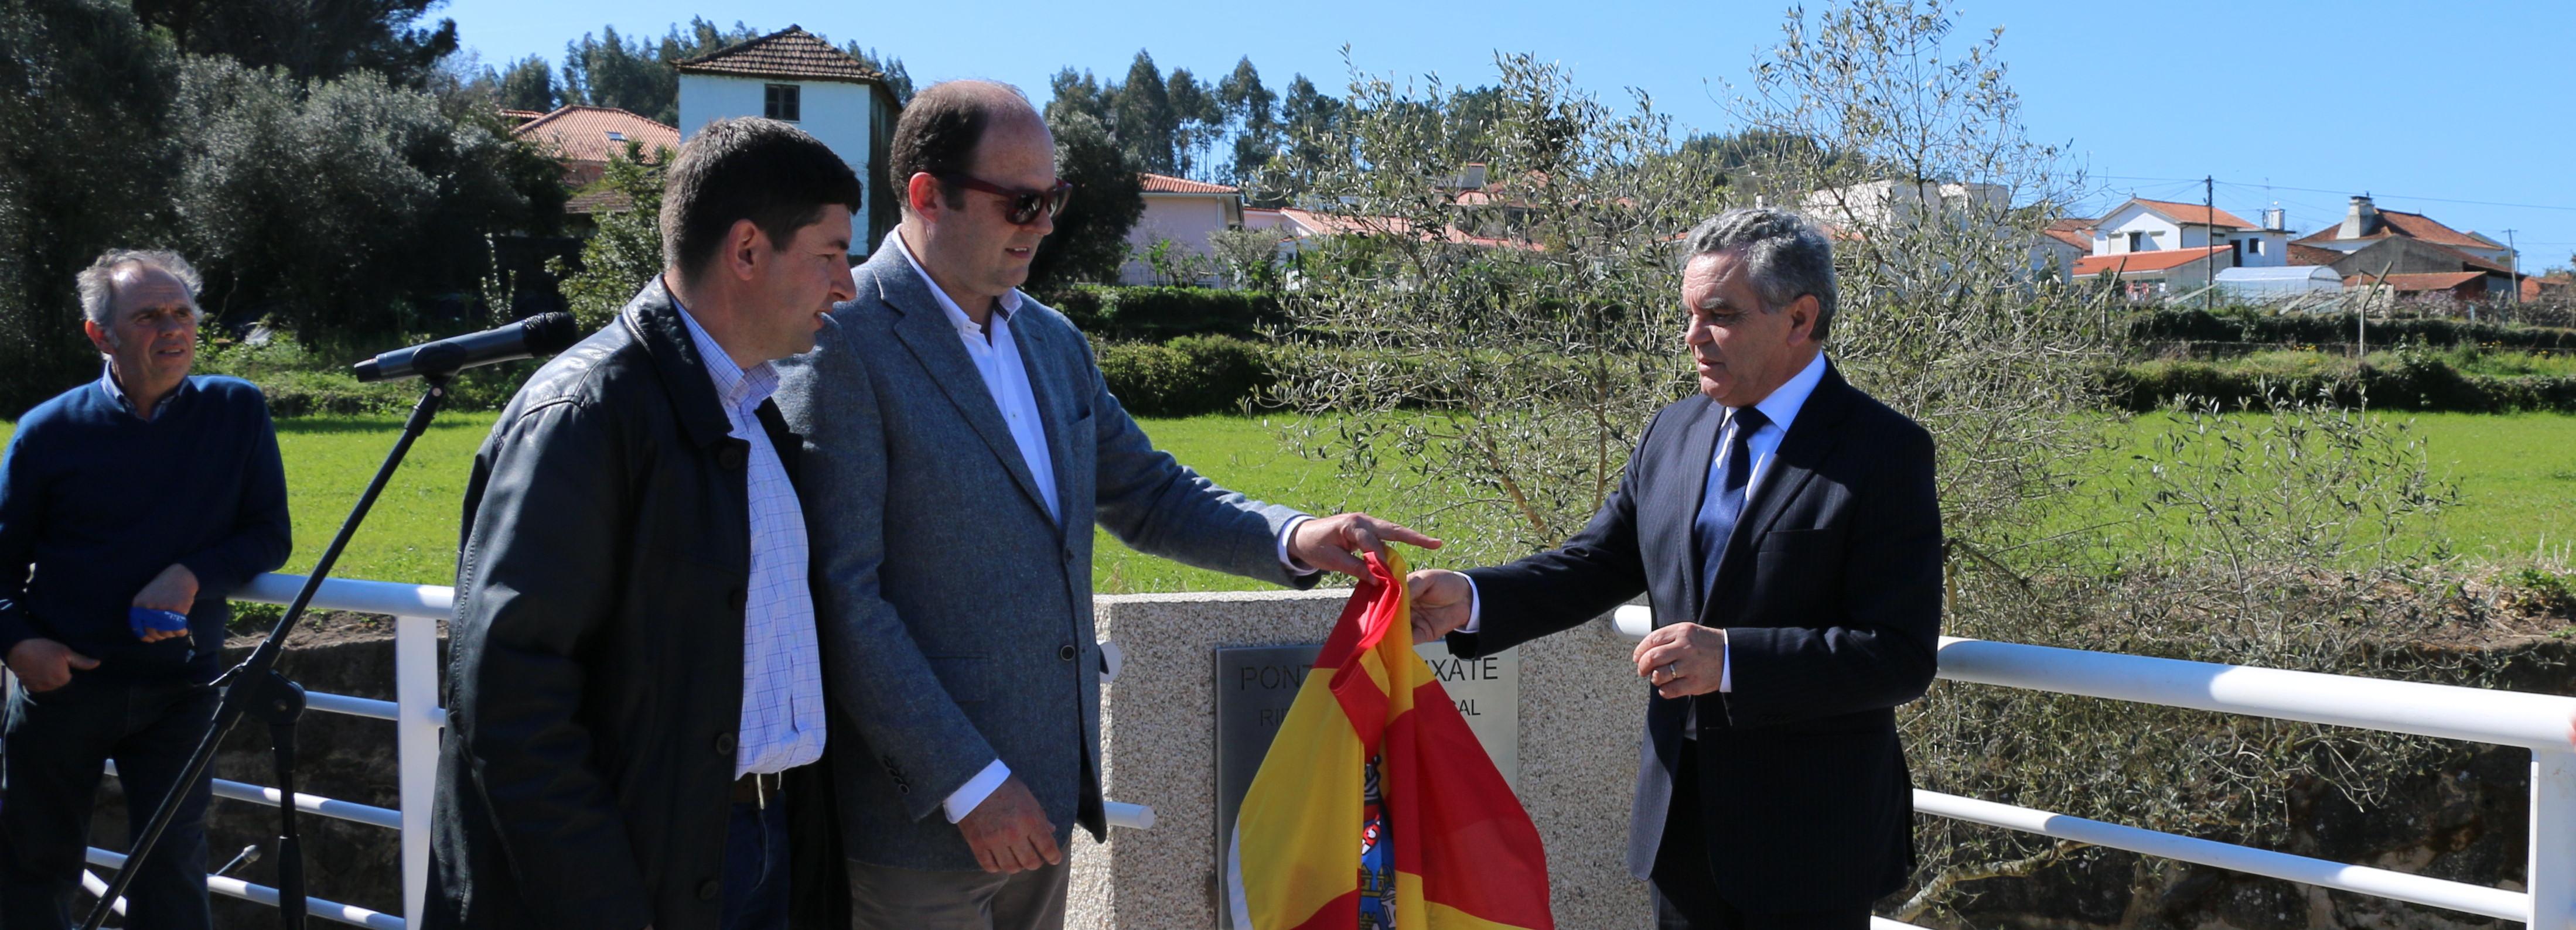 Vice-Presidente da Câmara inaugura reconstrução de ponte em Vila Cova